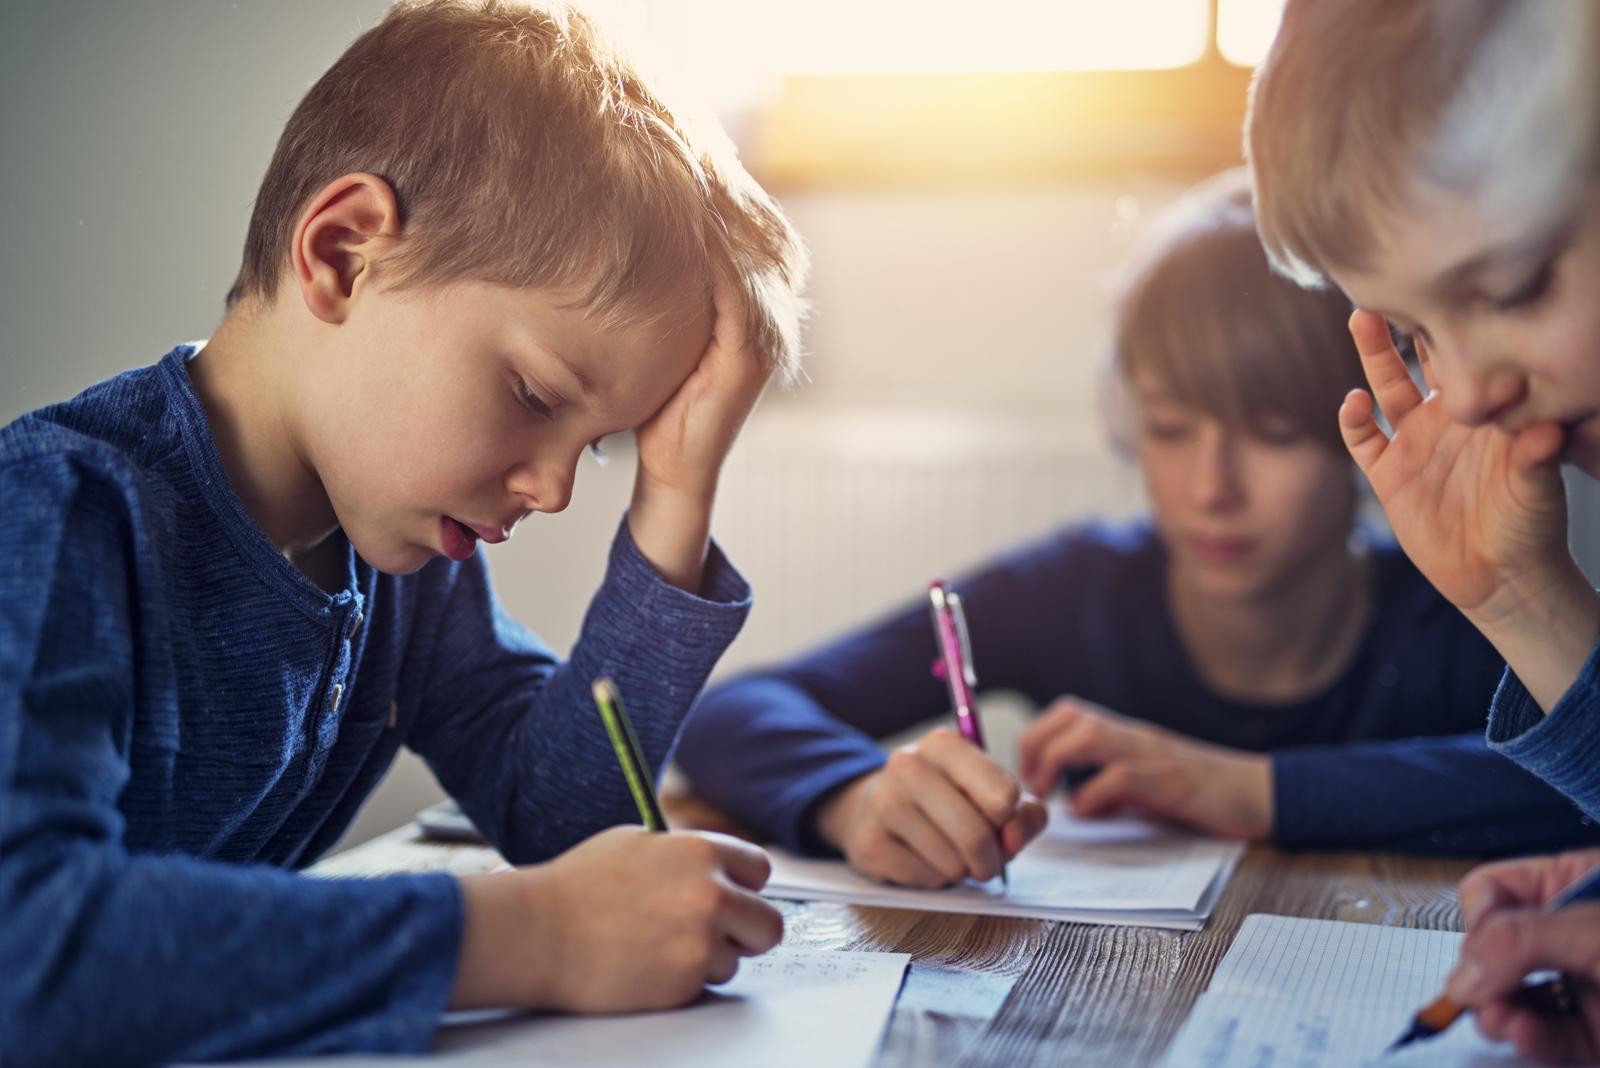 Alocarea bugetară trebuie să garanteze accesul la educație al celor mai vulnerabili copii